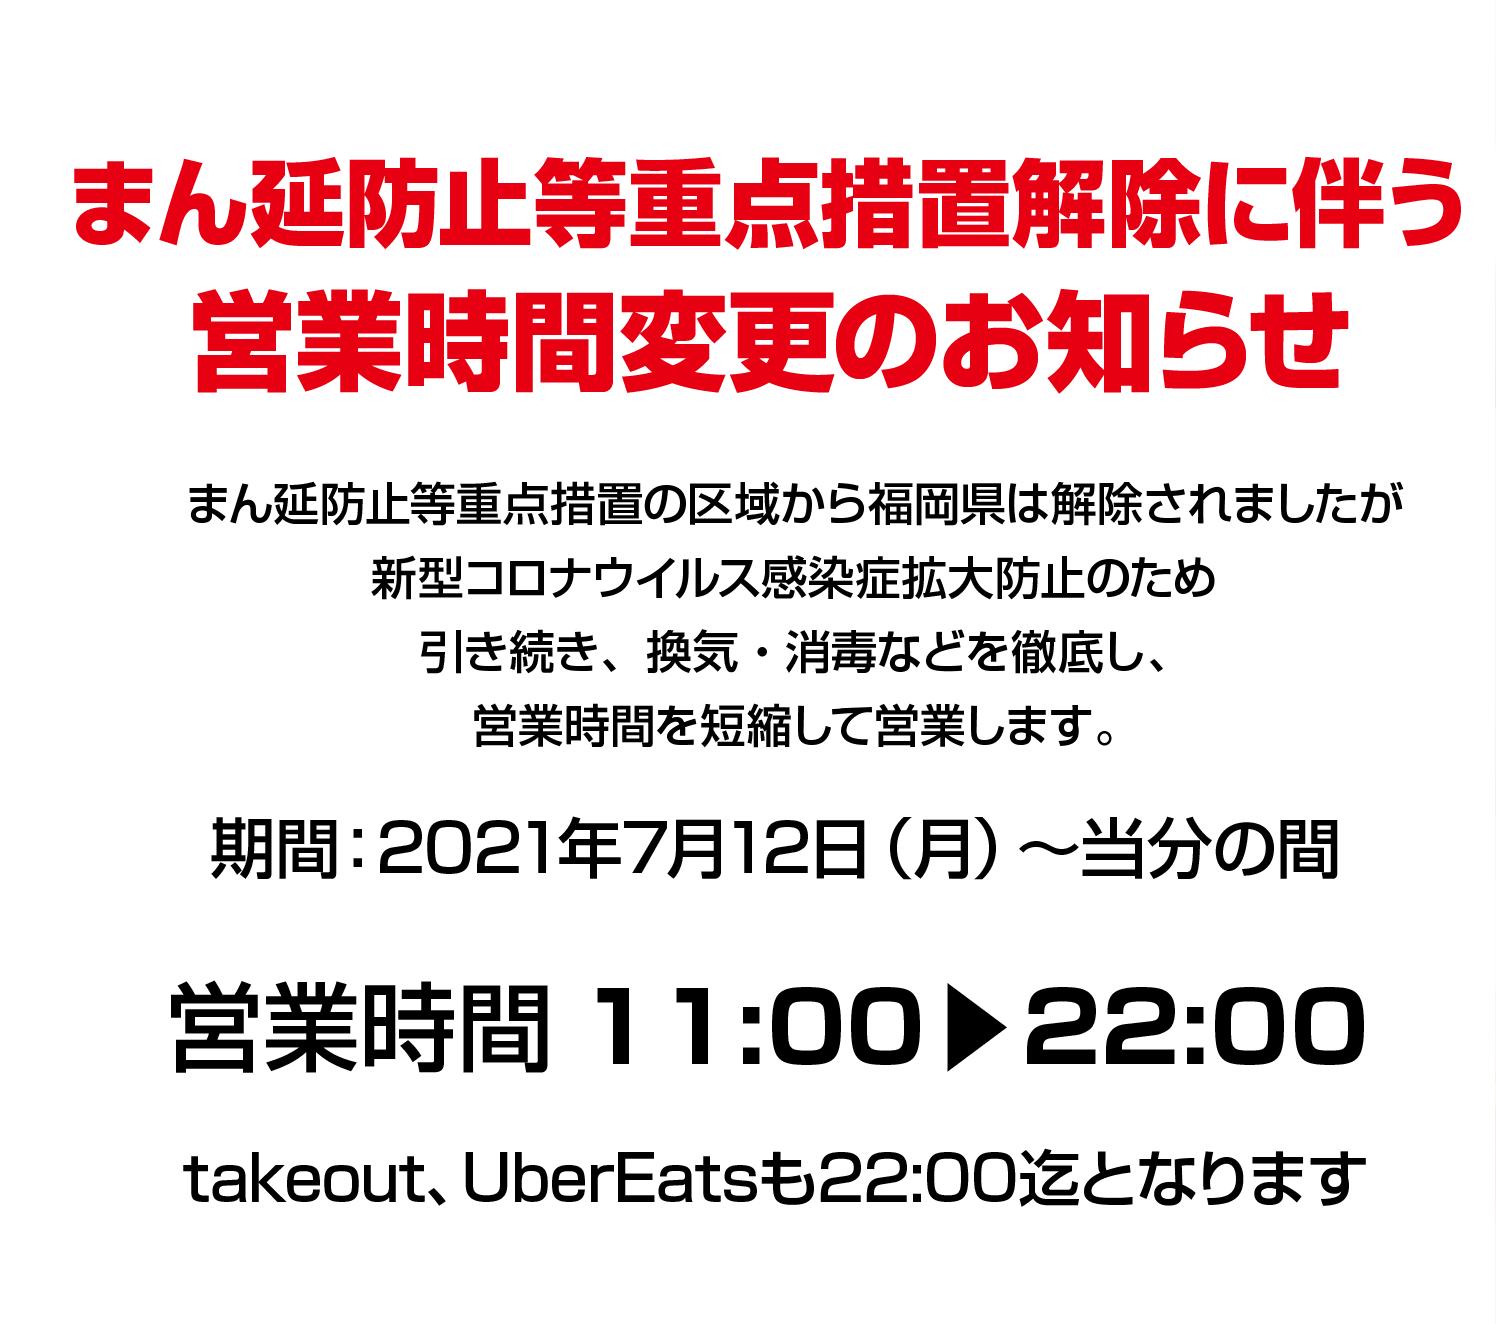 営業時間の変更のお知らせ【7/12日~】